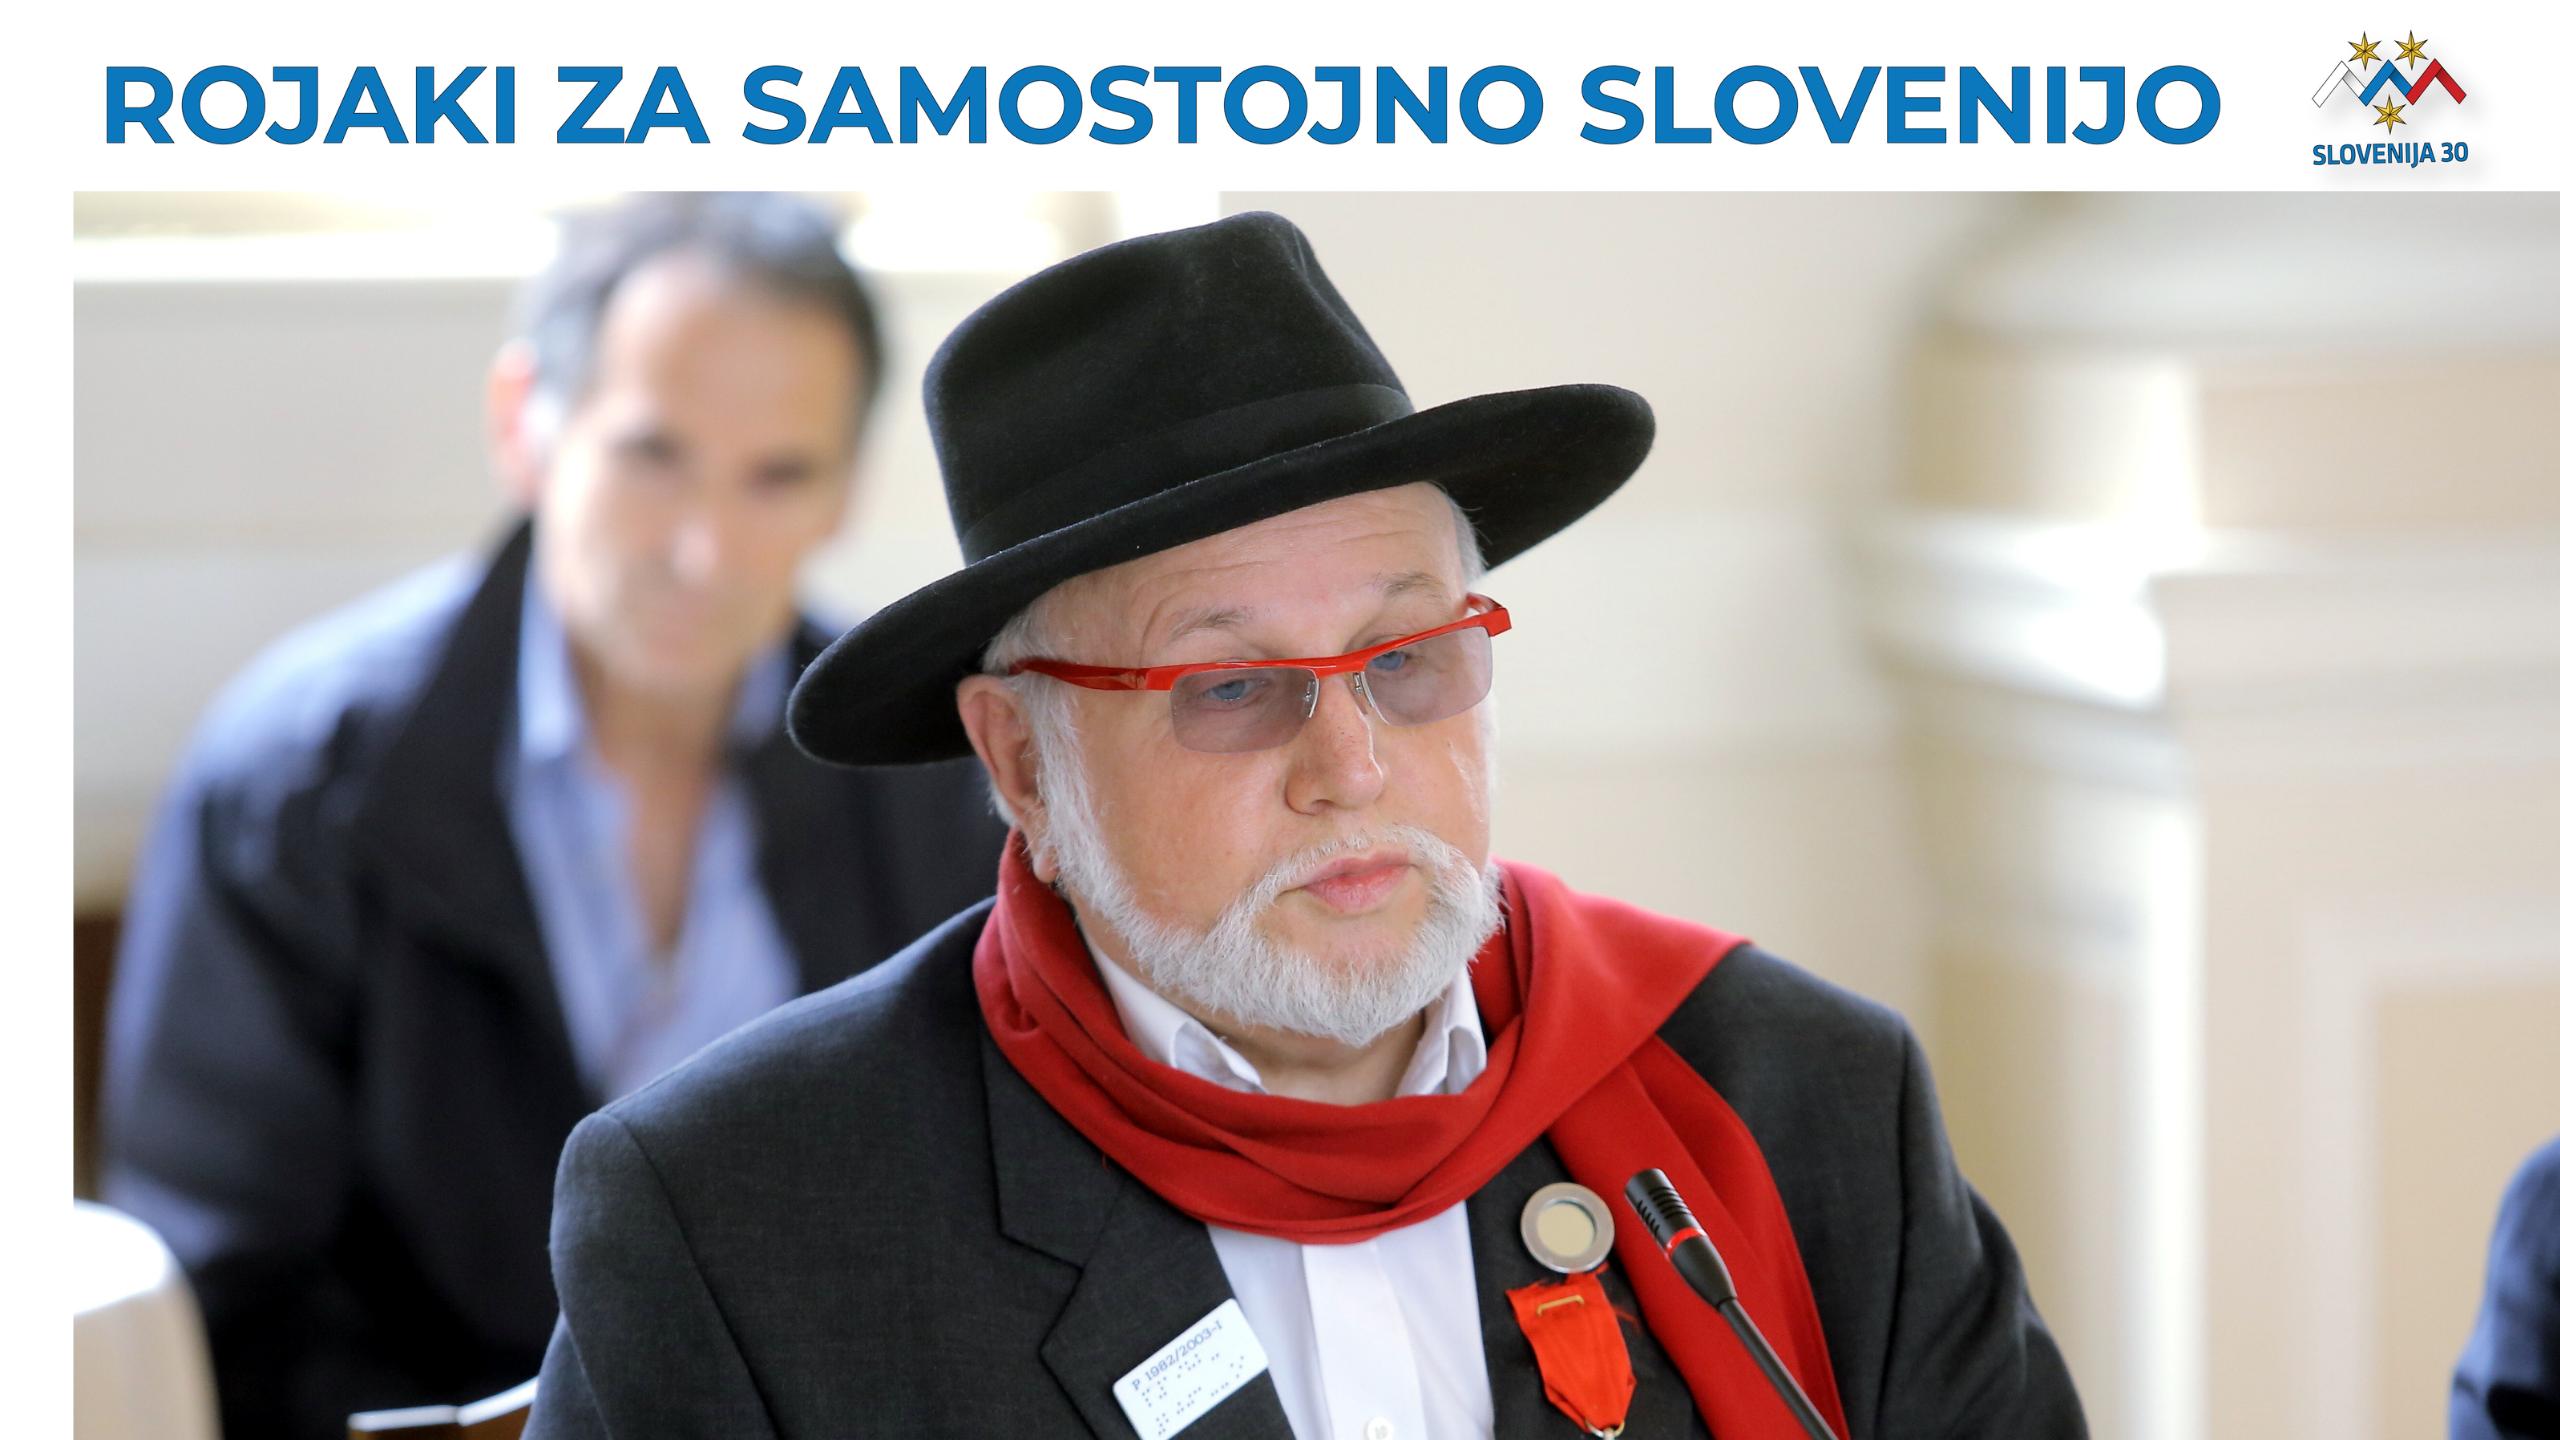 dr. Evgen Bavčar, na vrhu na belem traku napis Rojaki za samostojno SLovenijo in logo (simbolj Triglava v beli, modri in rdeči barvi, tri rumene zvezde in pod tem napis Slovenija 30).